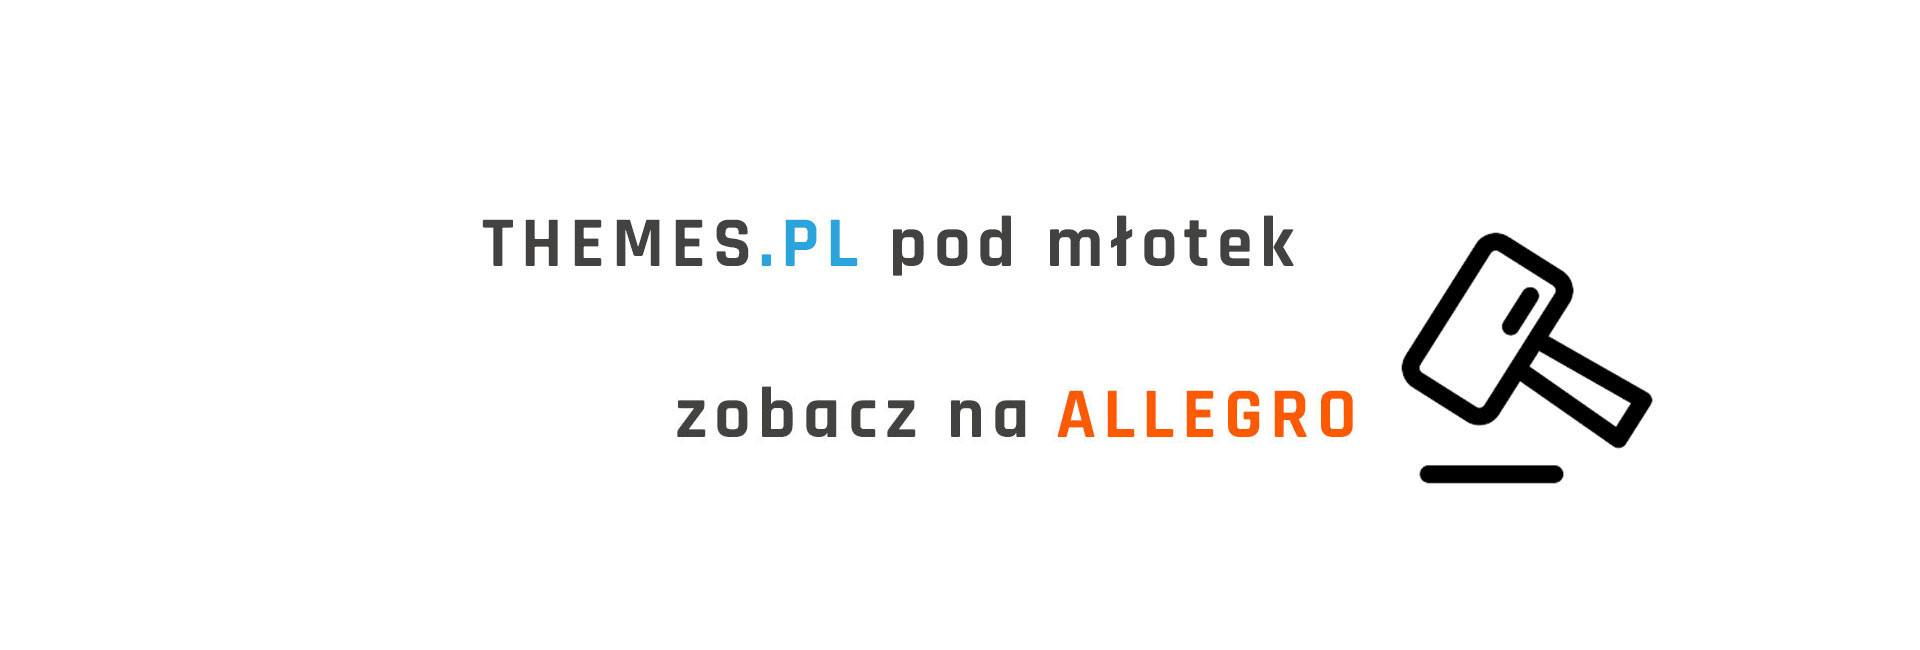 themes.pl pod młotek